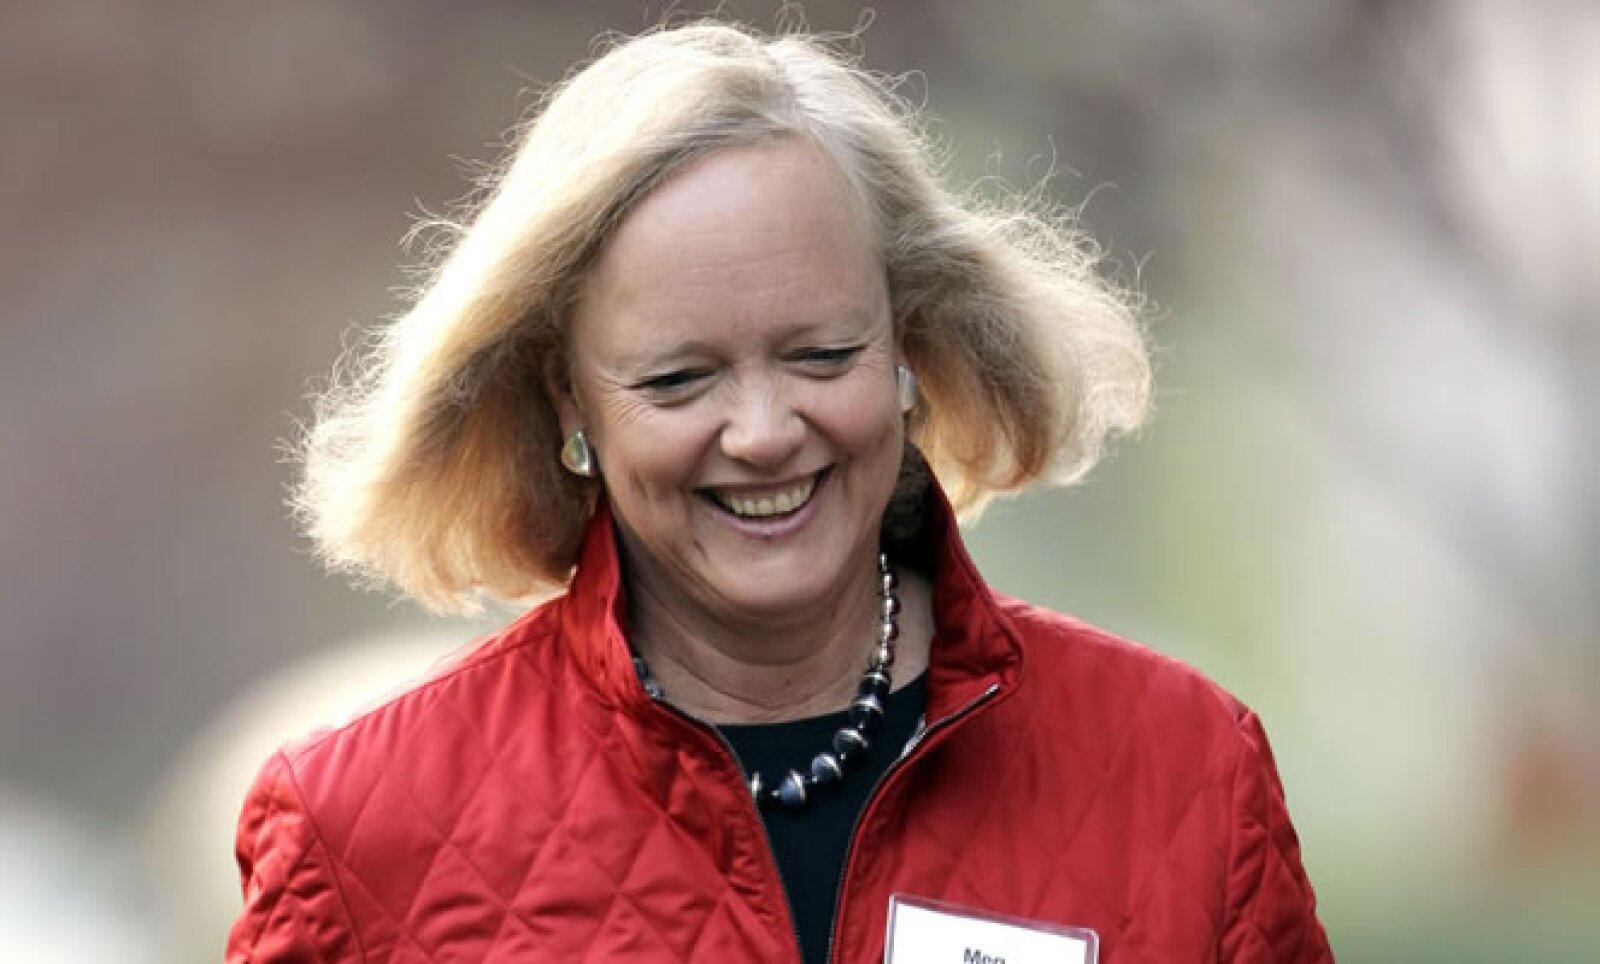 CEO de Hewlett-Packard desde el otoño de 2011. Previamente encabezó eBay durante 10 años. Buscó ser gobernadora de California durante 2010.